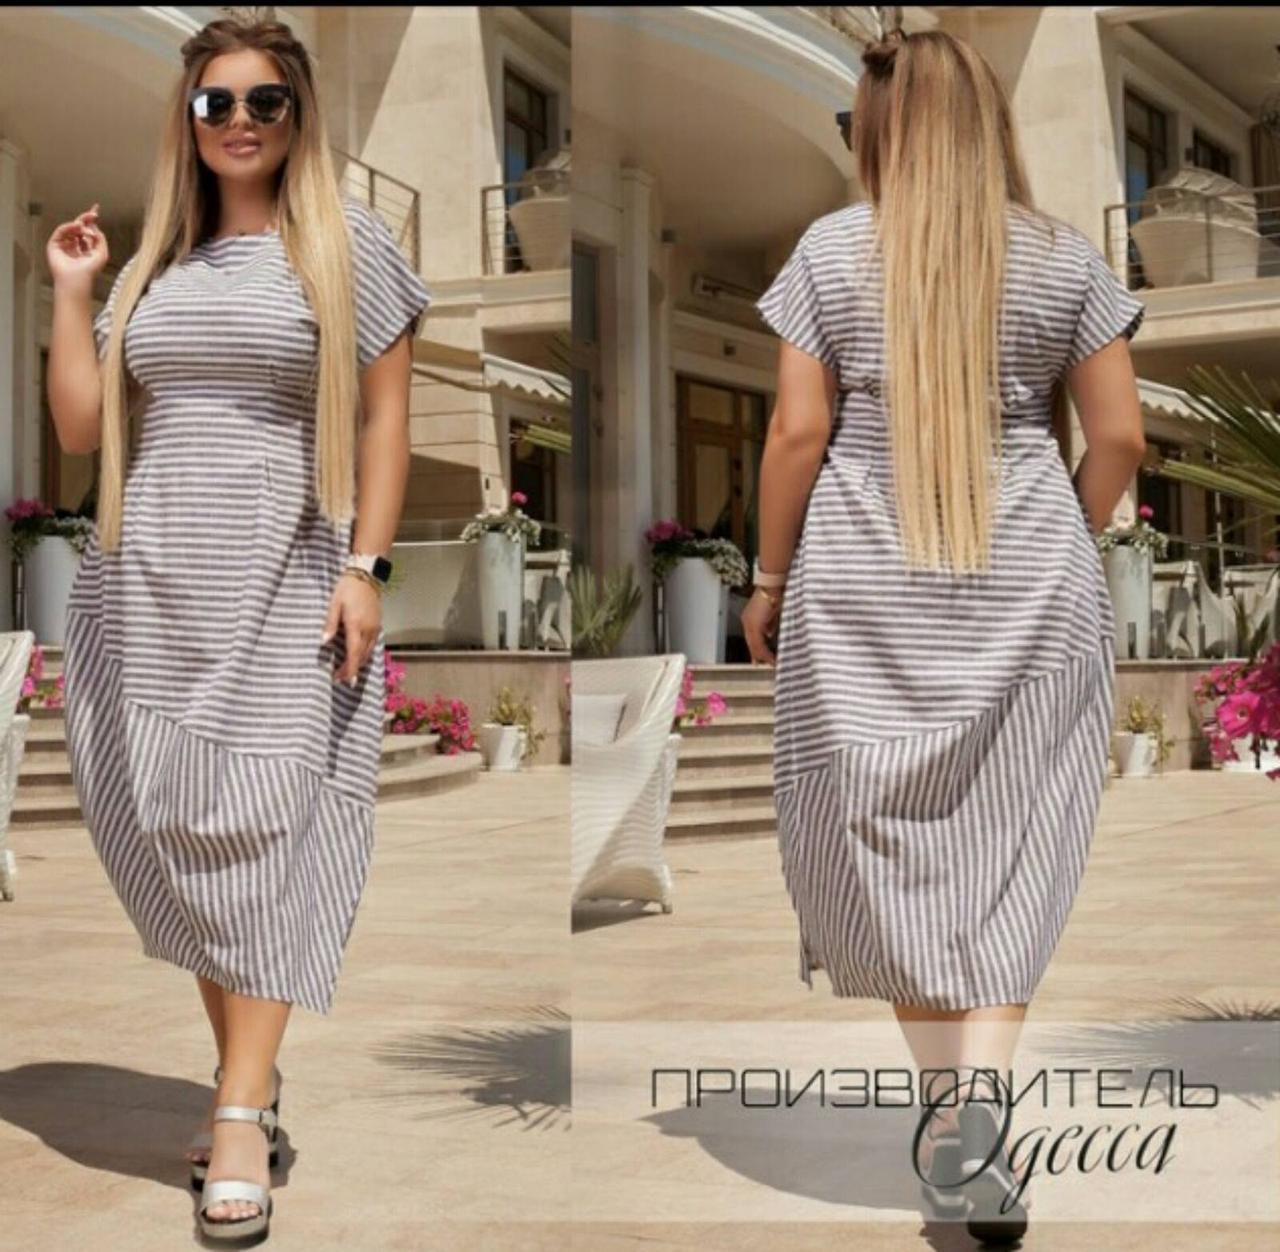 Платье футляр из натуральной дышащей ткани х/б лен, идеально для жары, 5 цветов р.48,50,52,54,56  код 745О